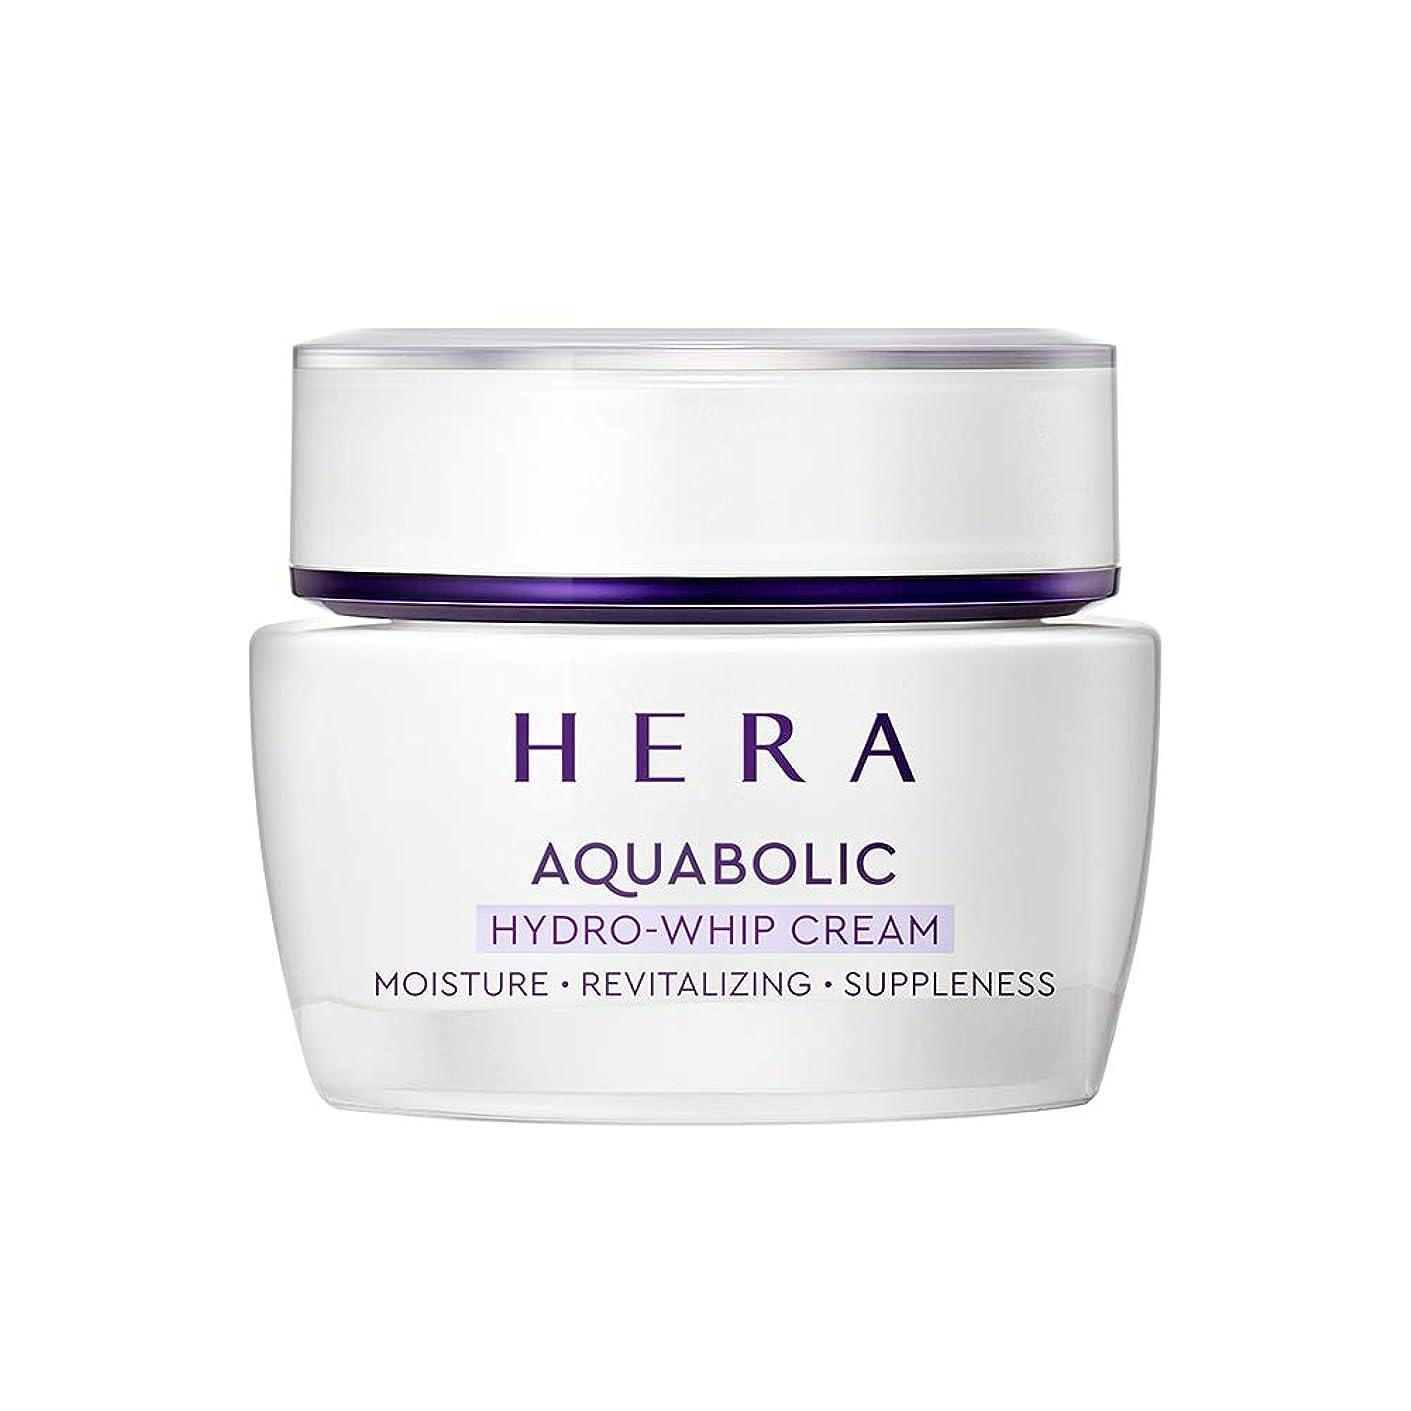 マトン同じマトン【HERA公式】ヘラ アクアボリック ハイドロ-ホイップ クリーム 50mL/HERA Aquabolic Hydro-Whip Cream 50mL